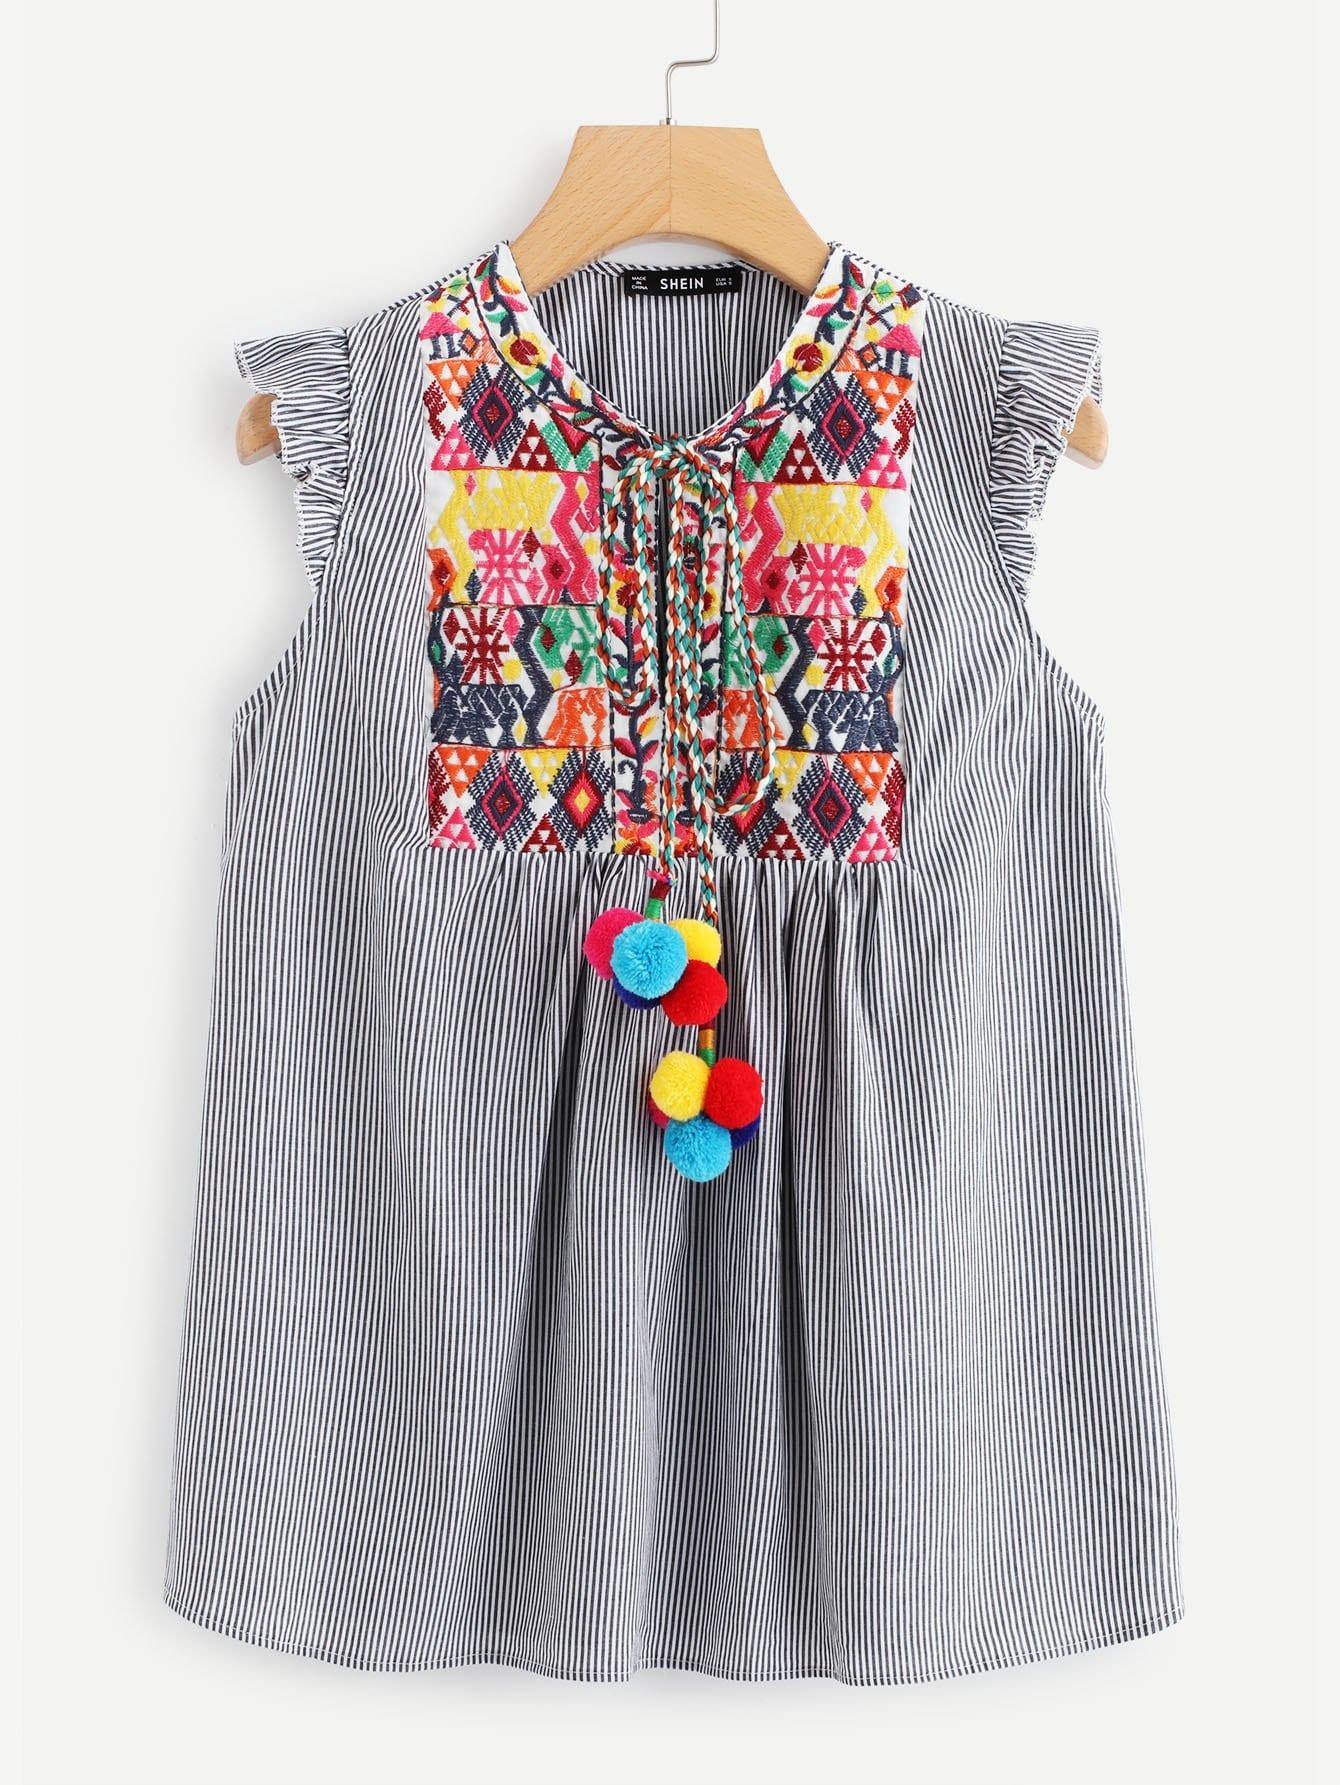 Pompom Tie Neck Вышитая иговая полосатая блузка